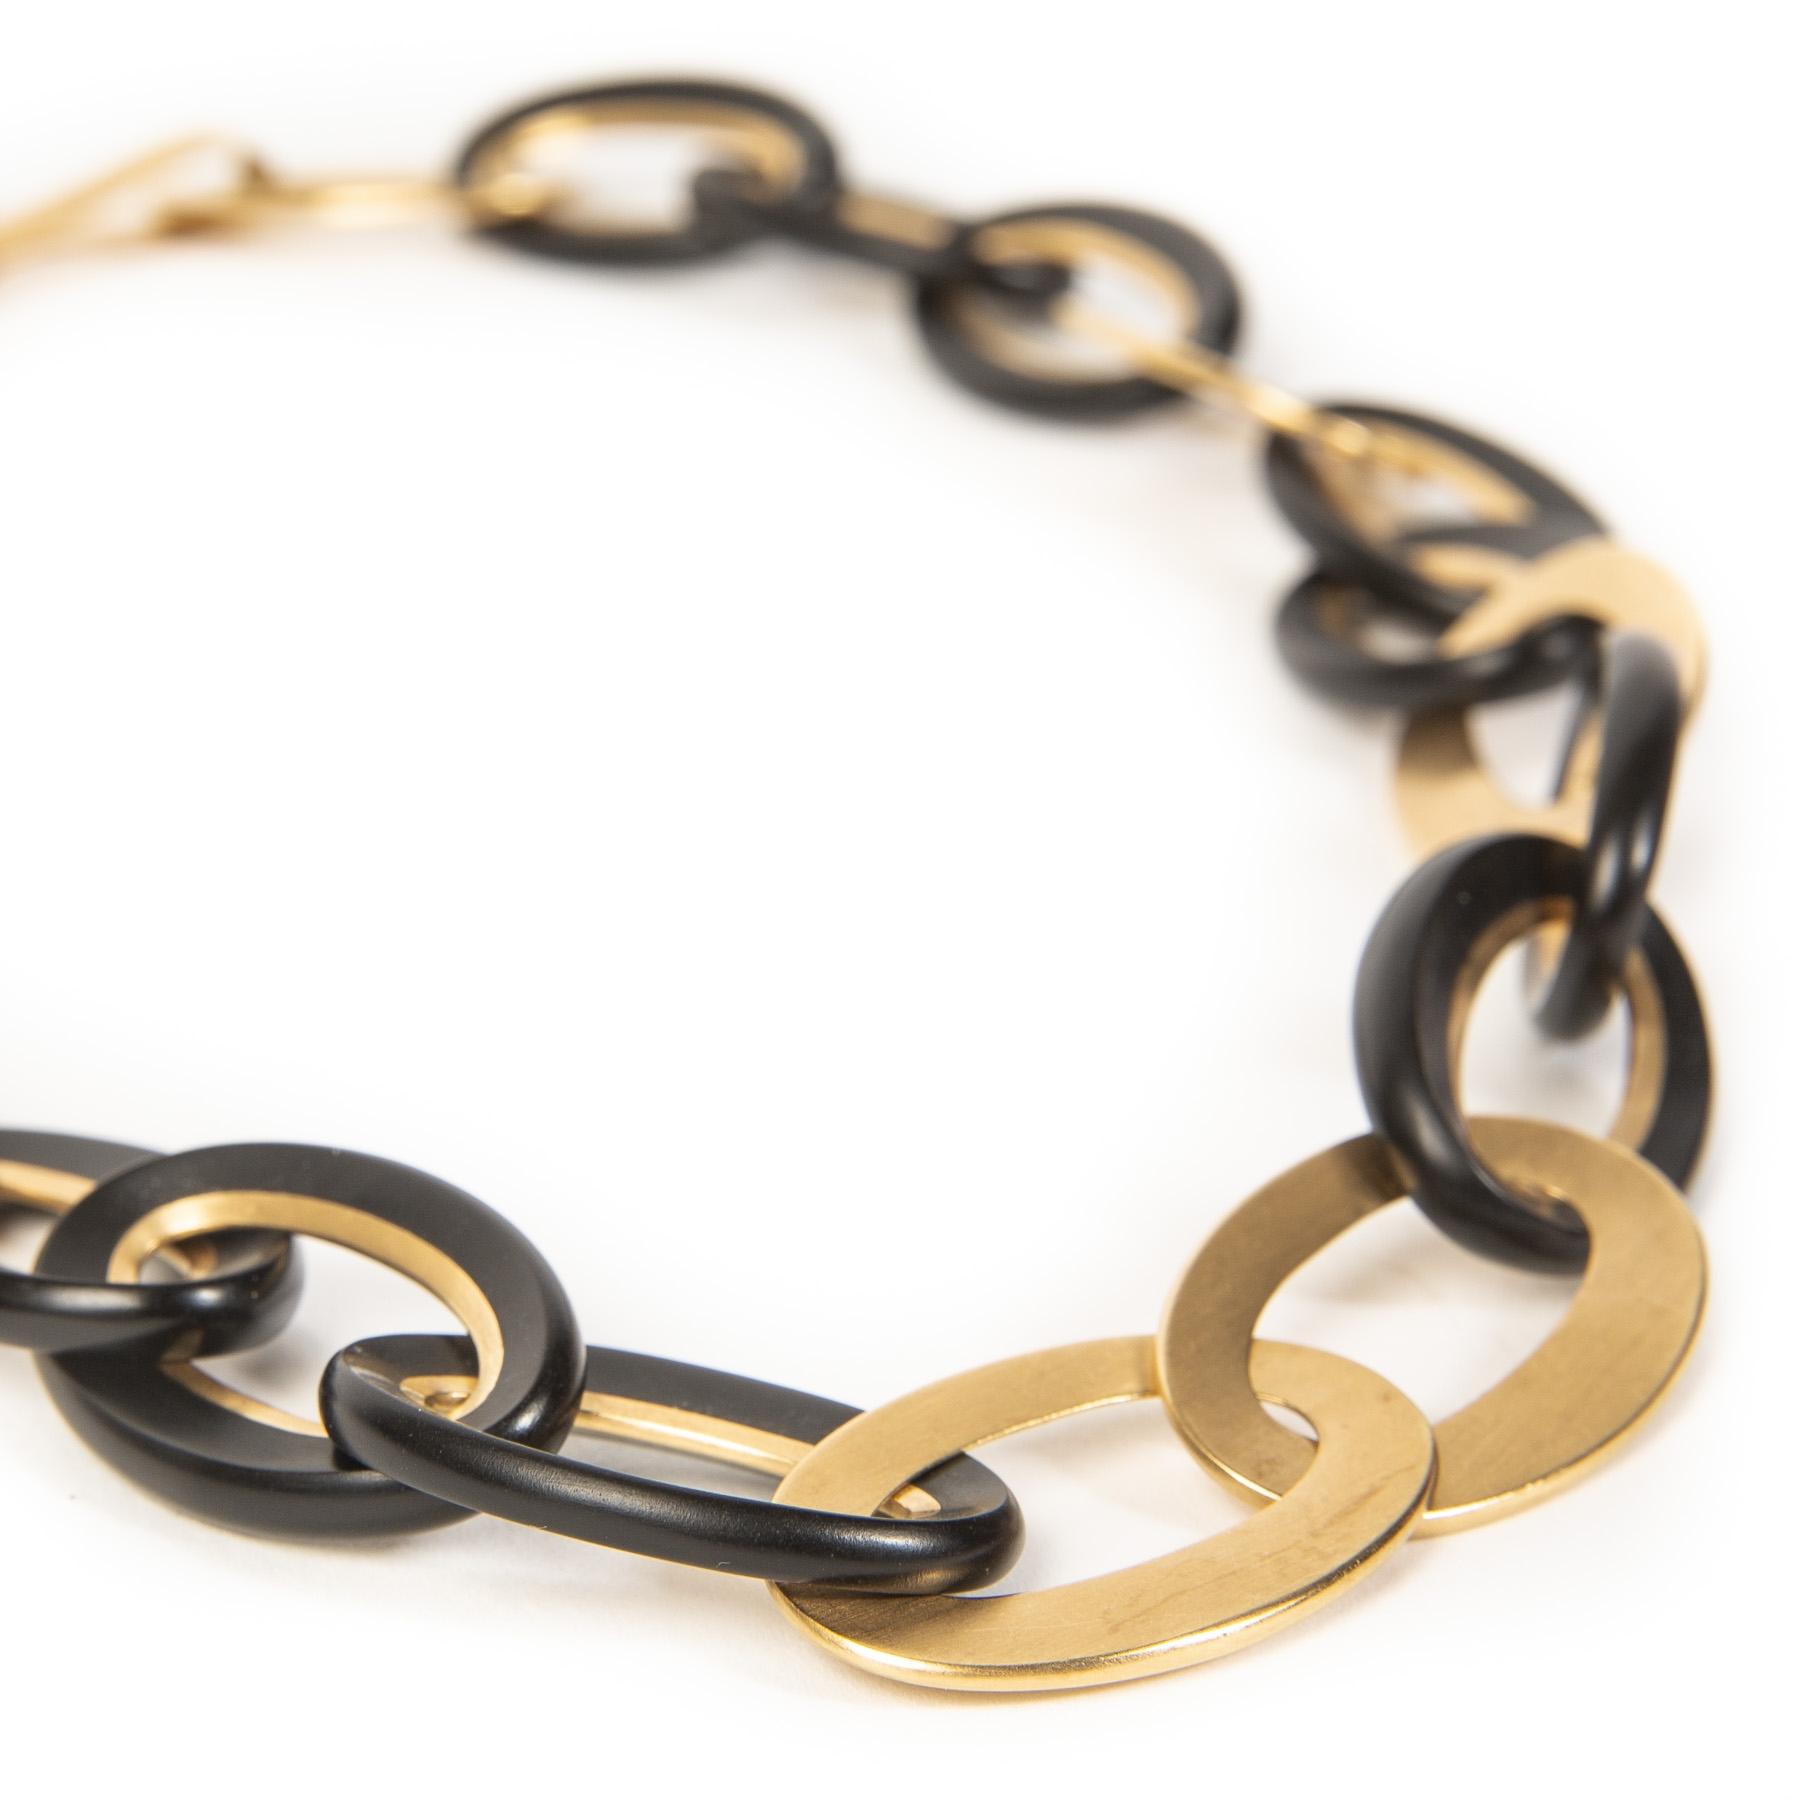 Authentieke Tweedehands Pomellato Chain Victoria Rose Gold Necklace juiste prijs veilig online shoppen luxe merken webshop winkelen Antwerpen België mode fashion